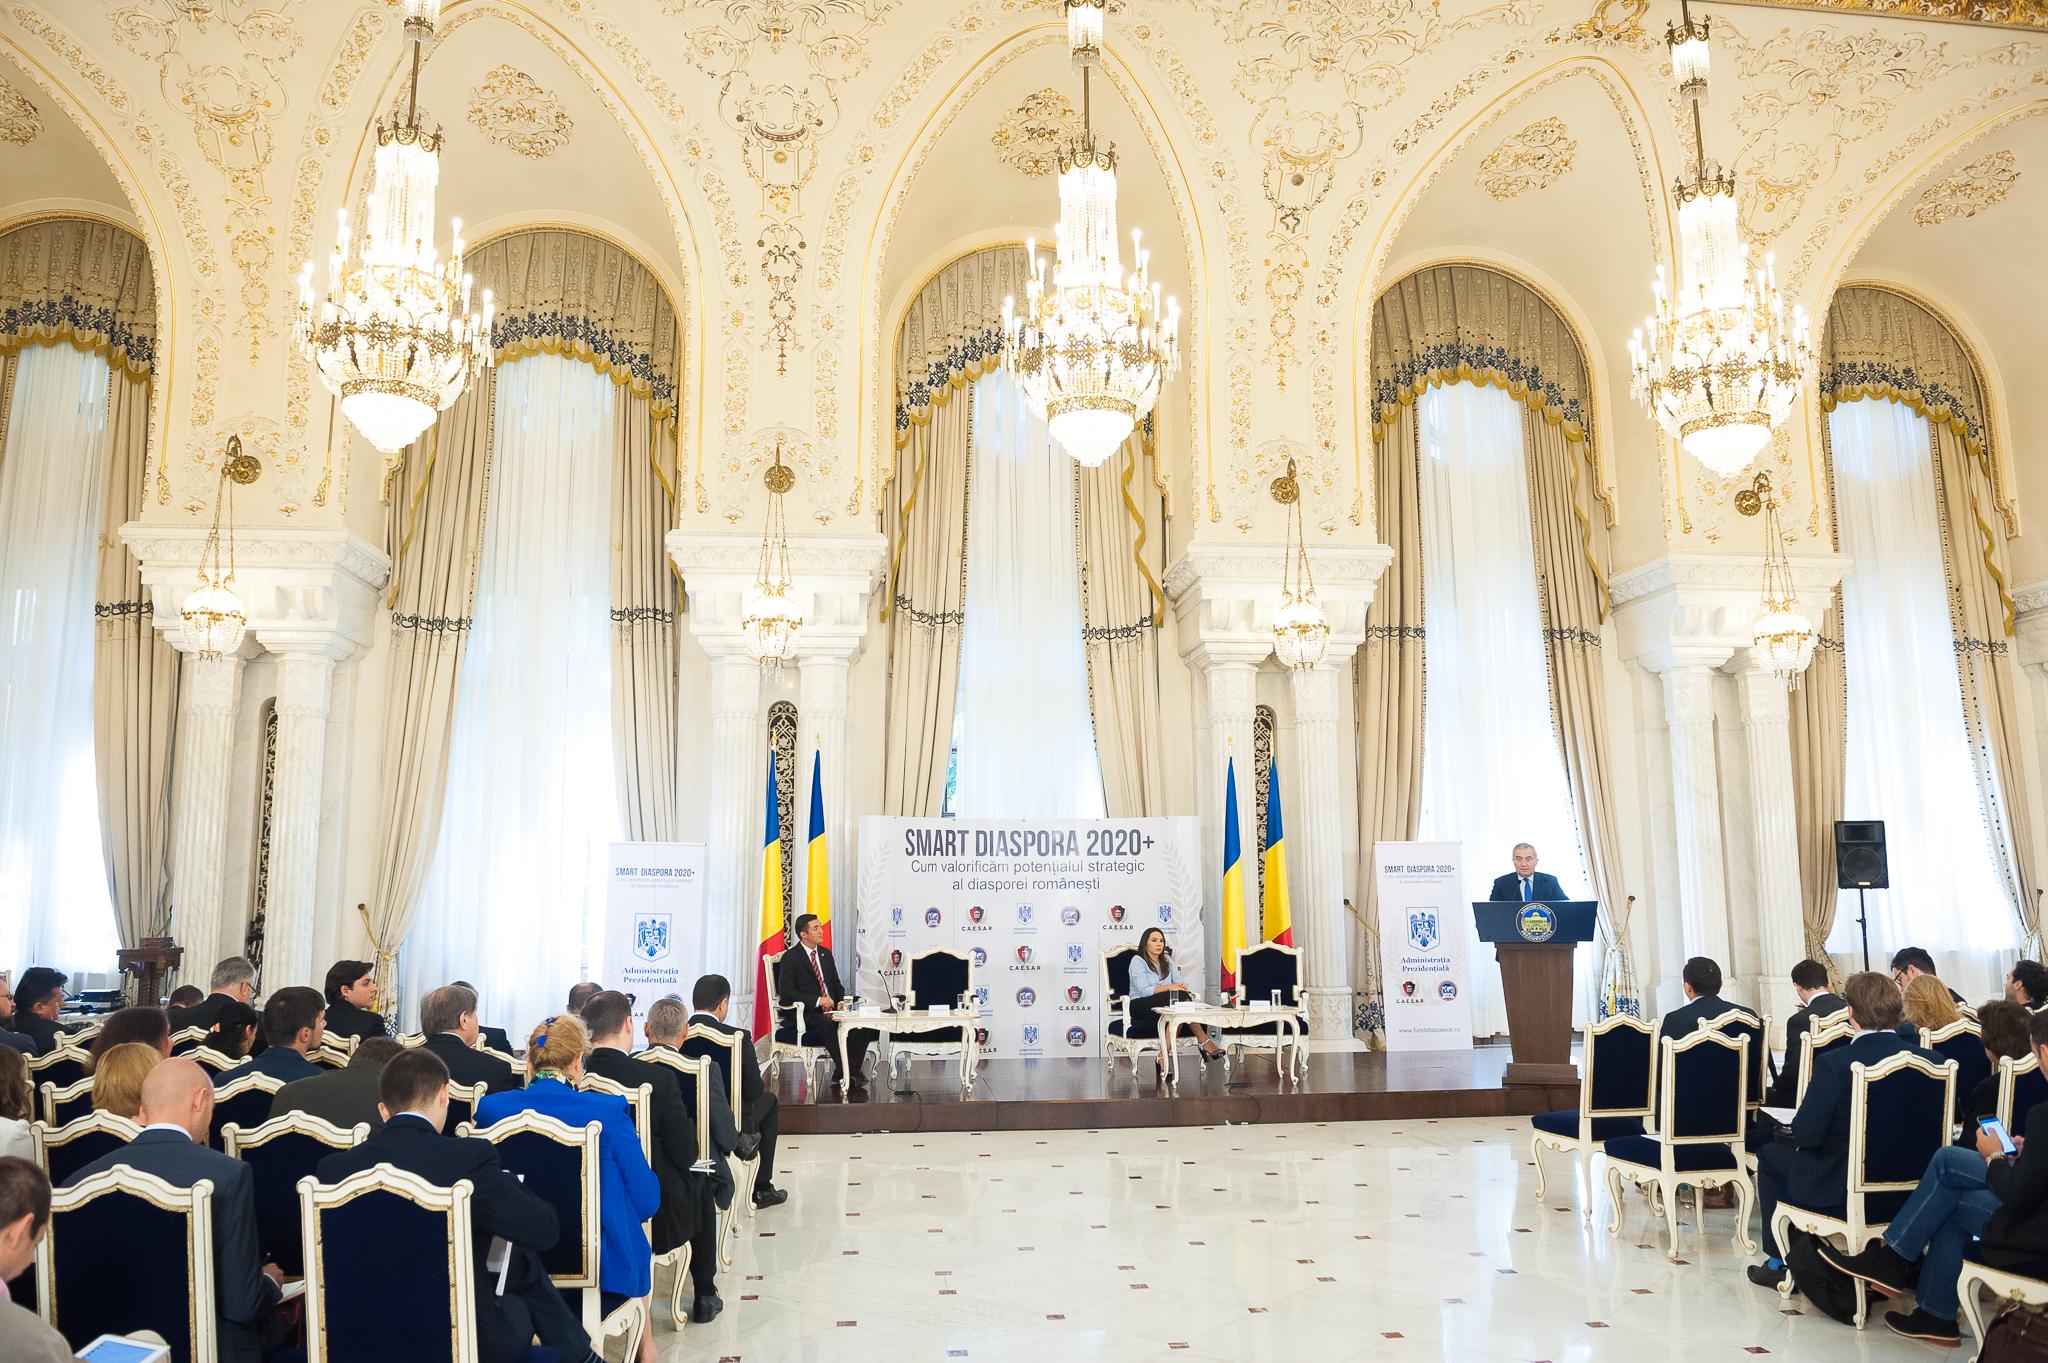 Experți români din țară și străinătate găsesc soluții pentru valorificarea potențialului strategic al diasporei românești